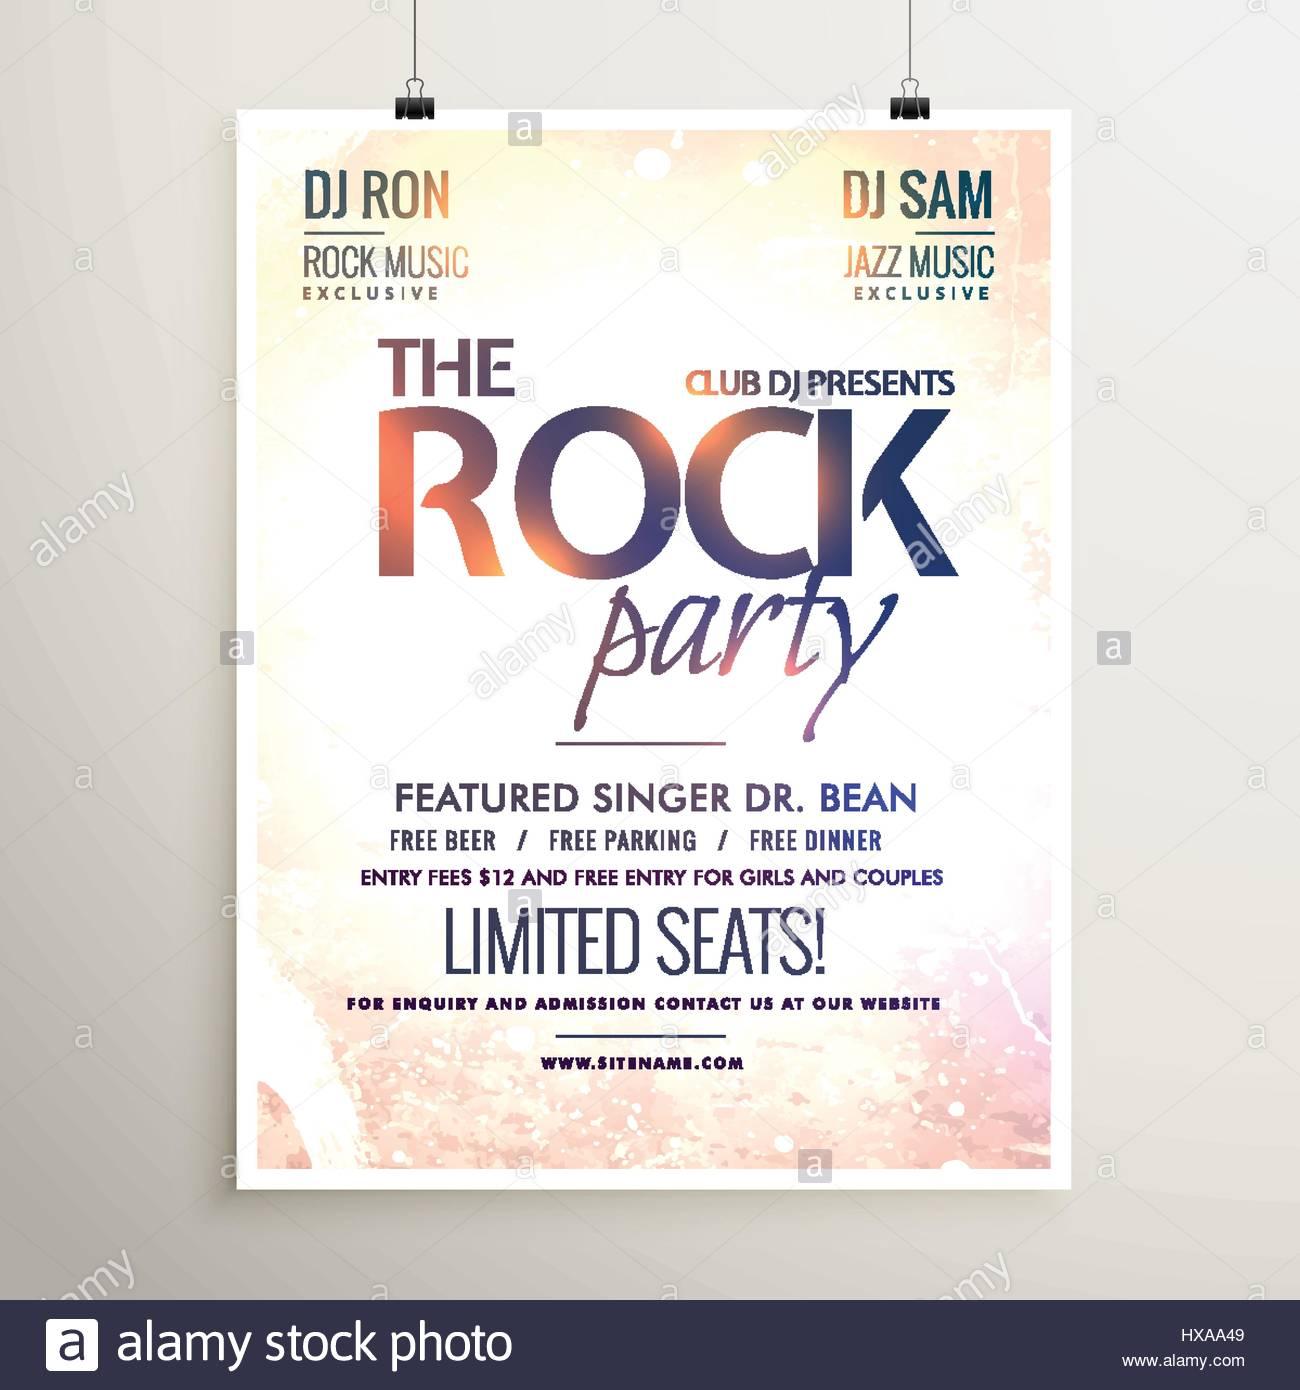 Rock Party Musik Flyer Vorlage mit strukturierten Hintergrund Vektor ...